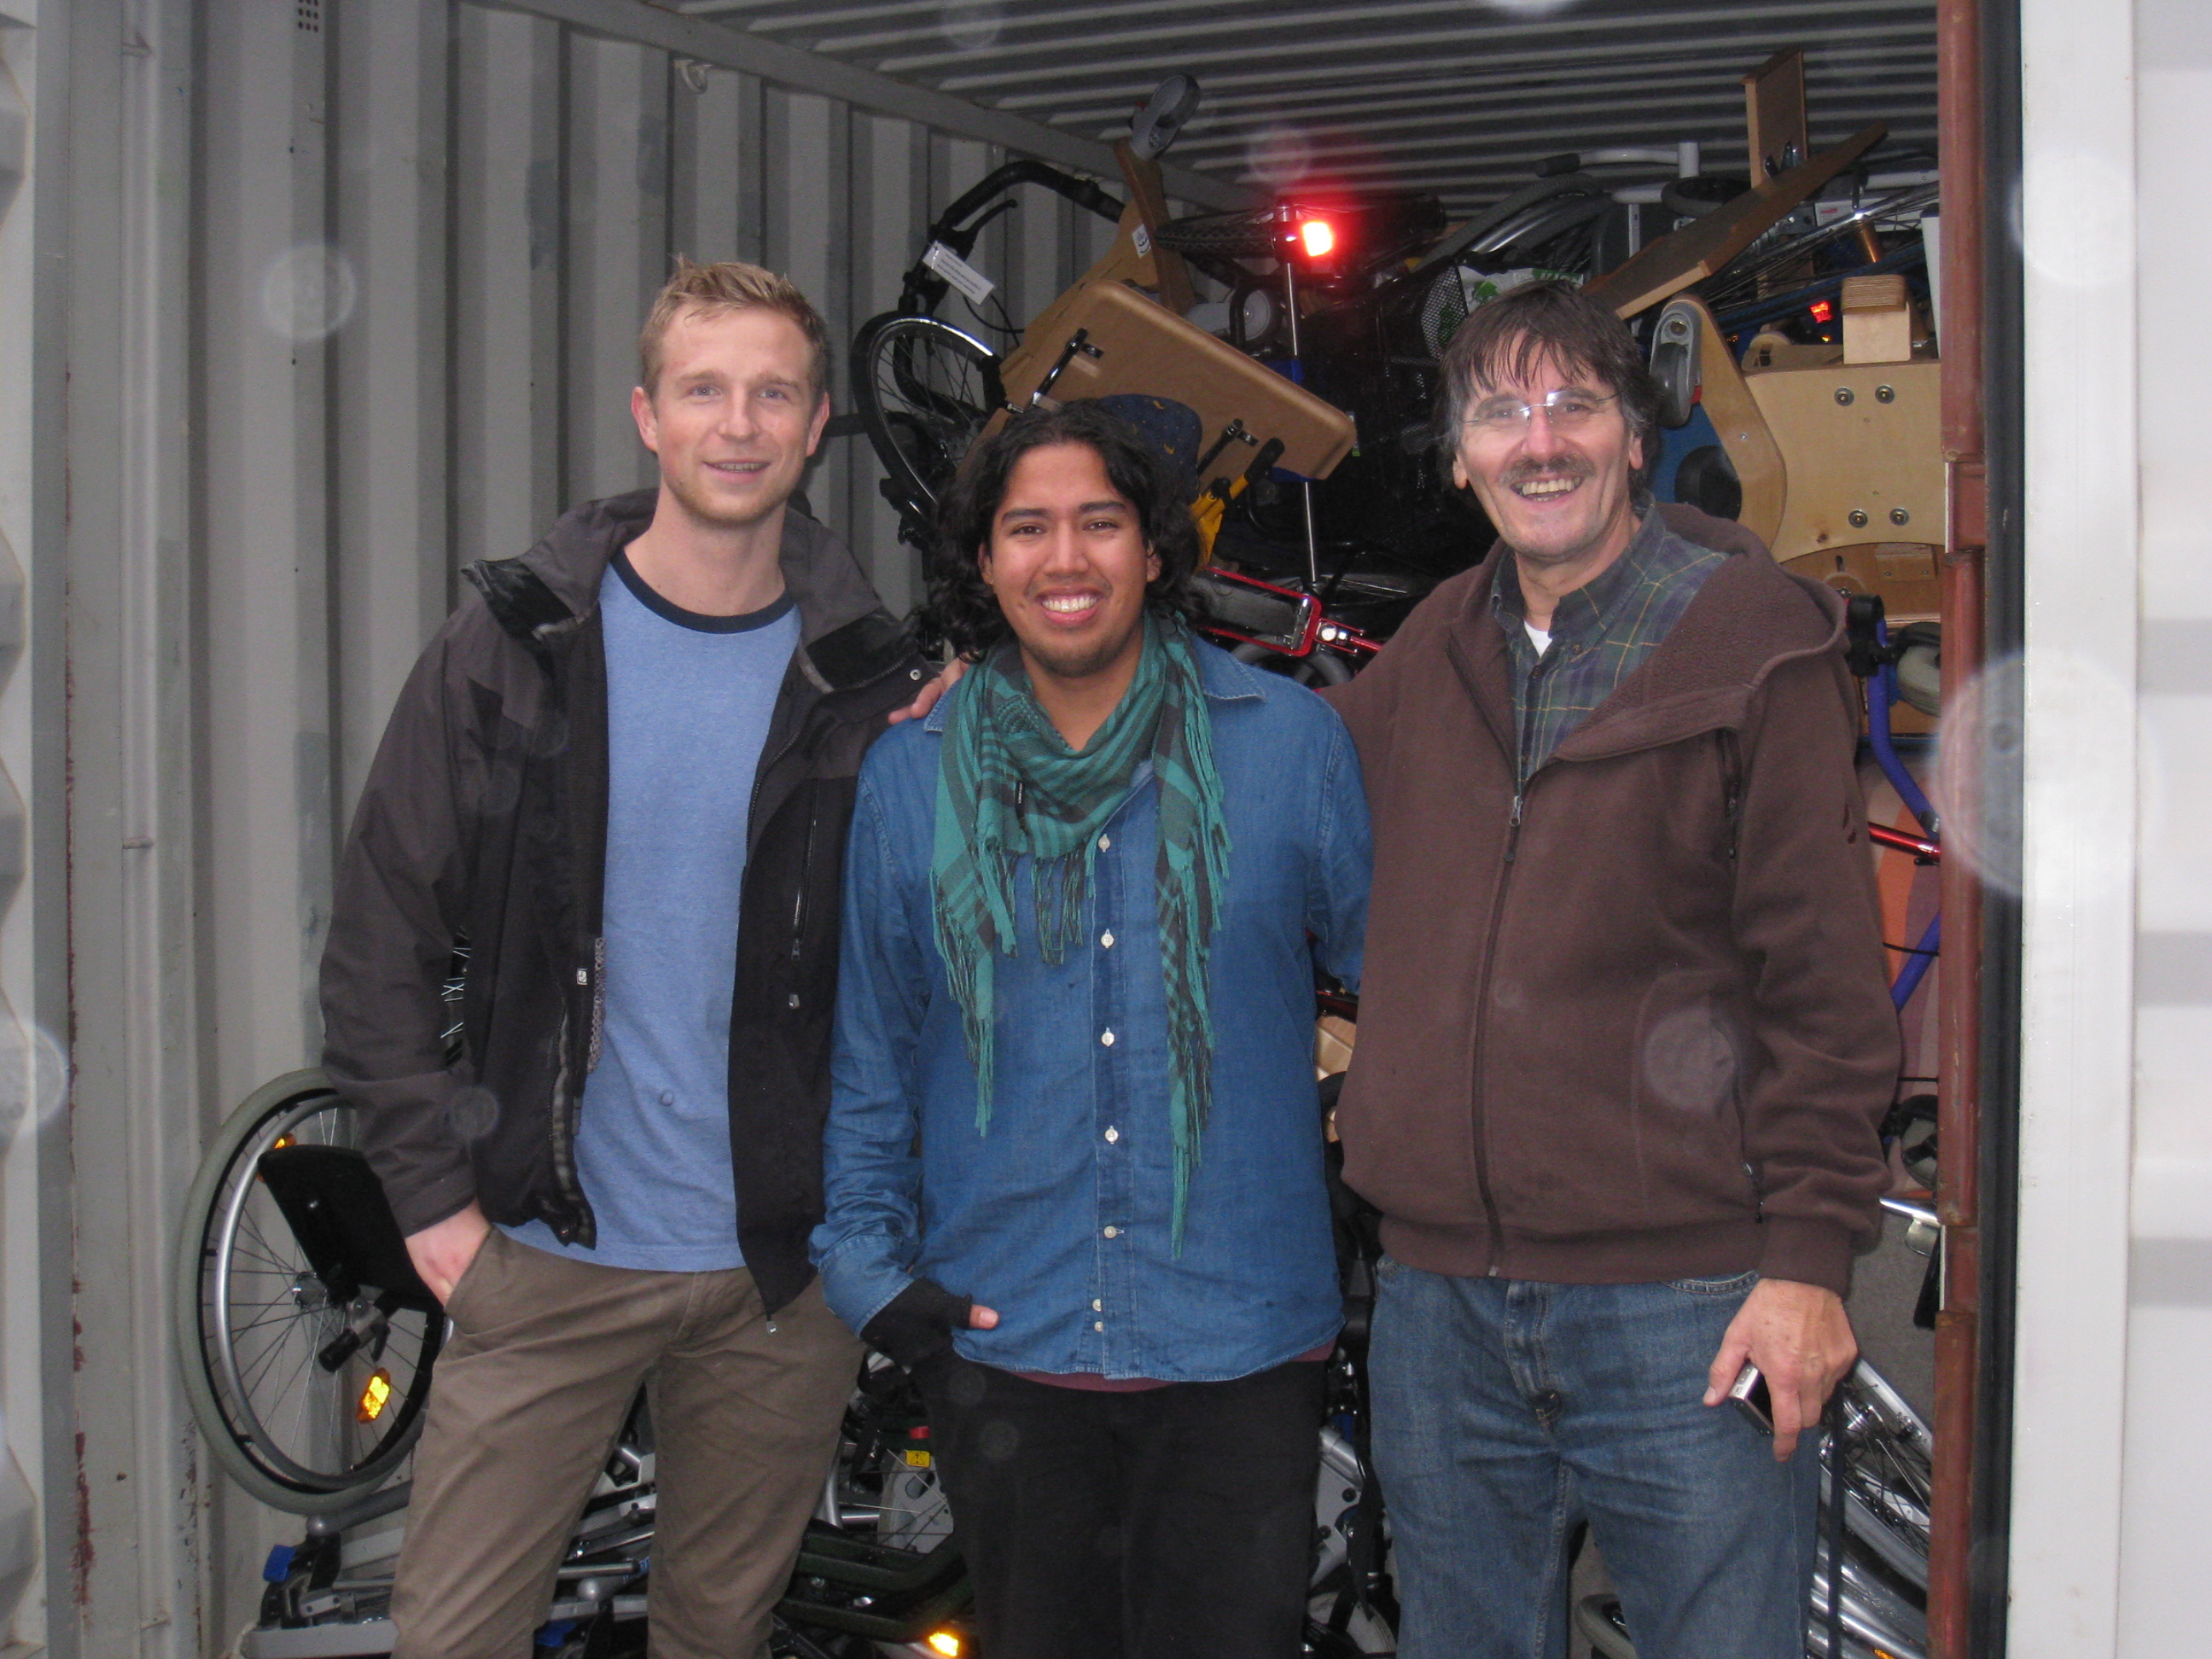 Tom Daniel, David og Carlos foran full container